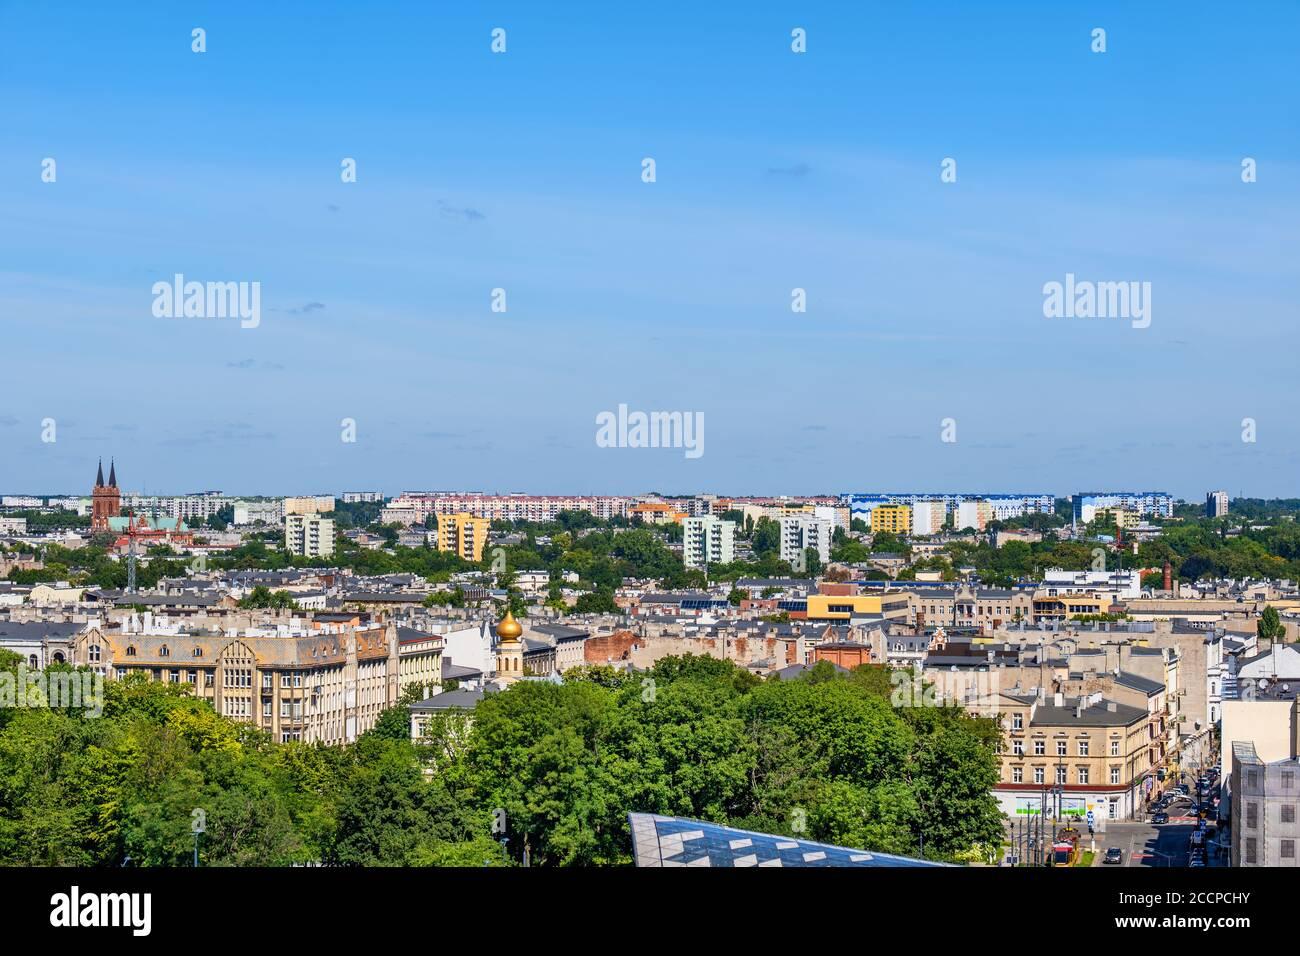 Ciudad de Lodz en Polonia, vista aérea paisaje urbano. Foto de stock